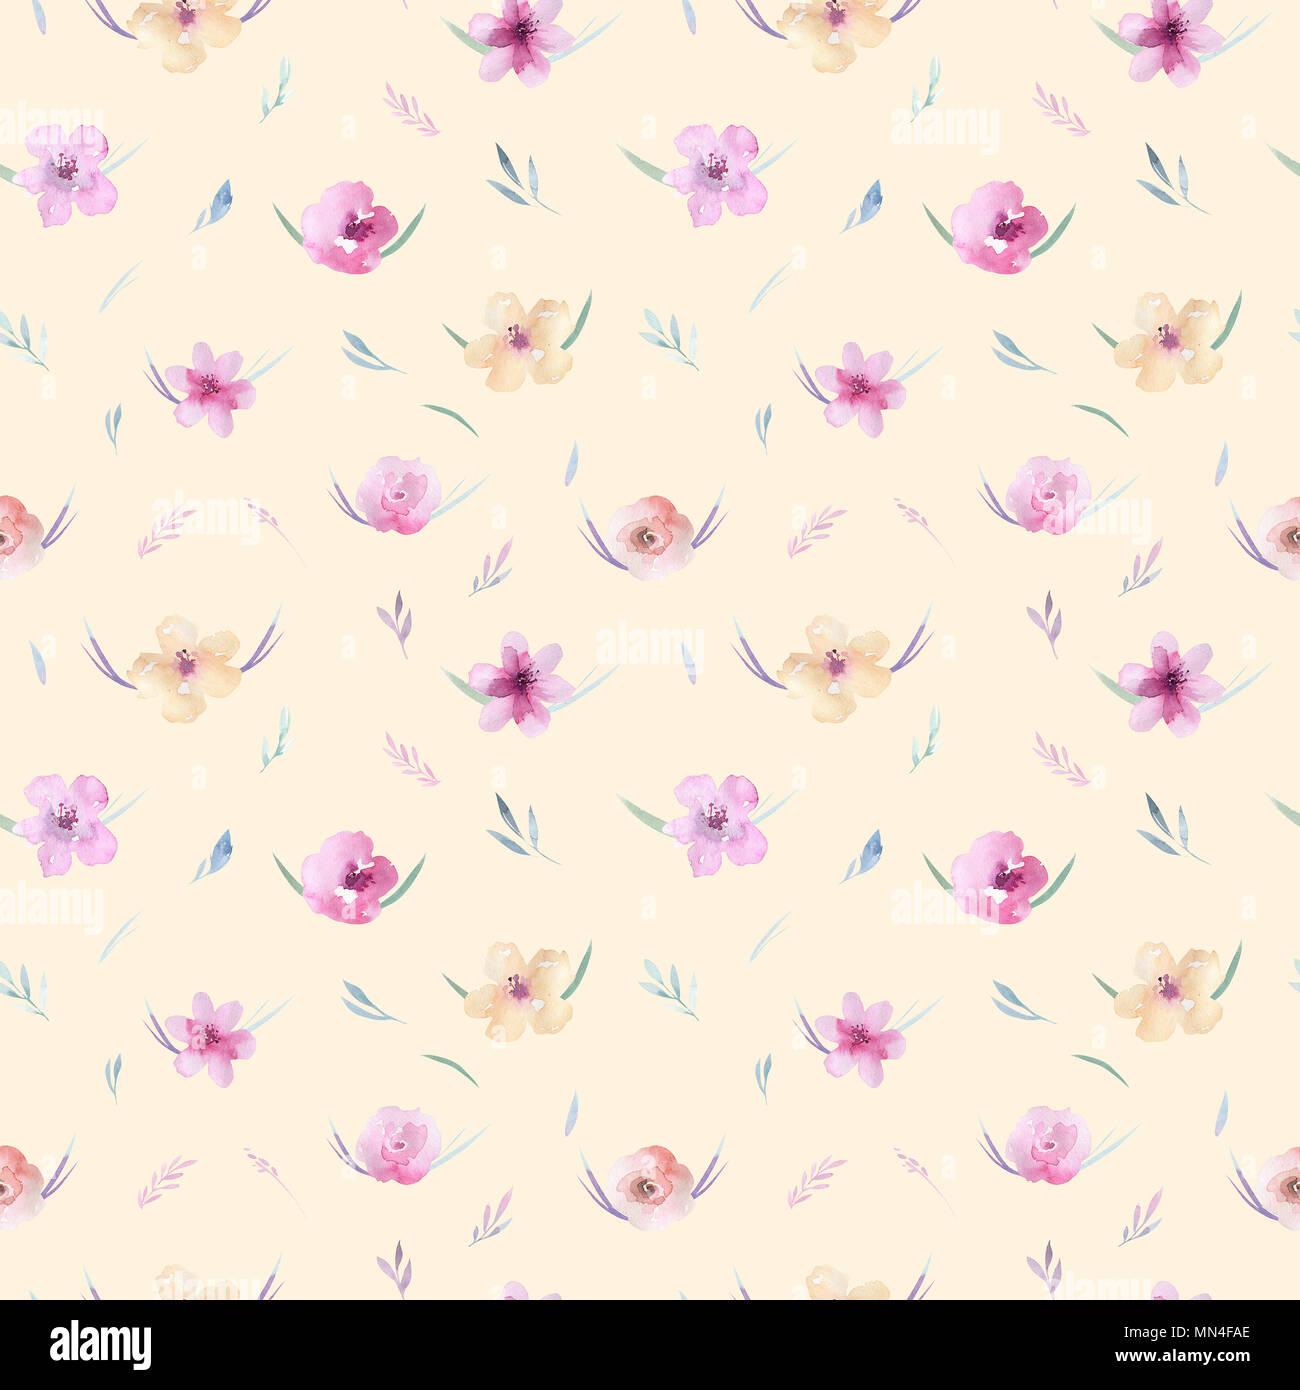 Acuarela Patrón Floral Patrón Sin Fisuras Con Púrpura Oro Y